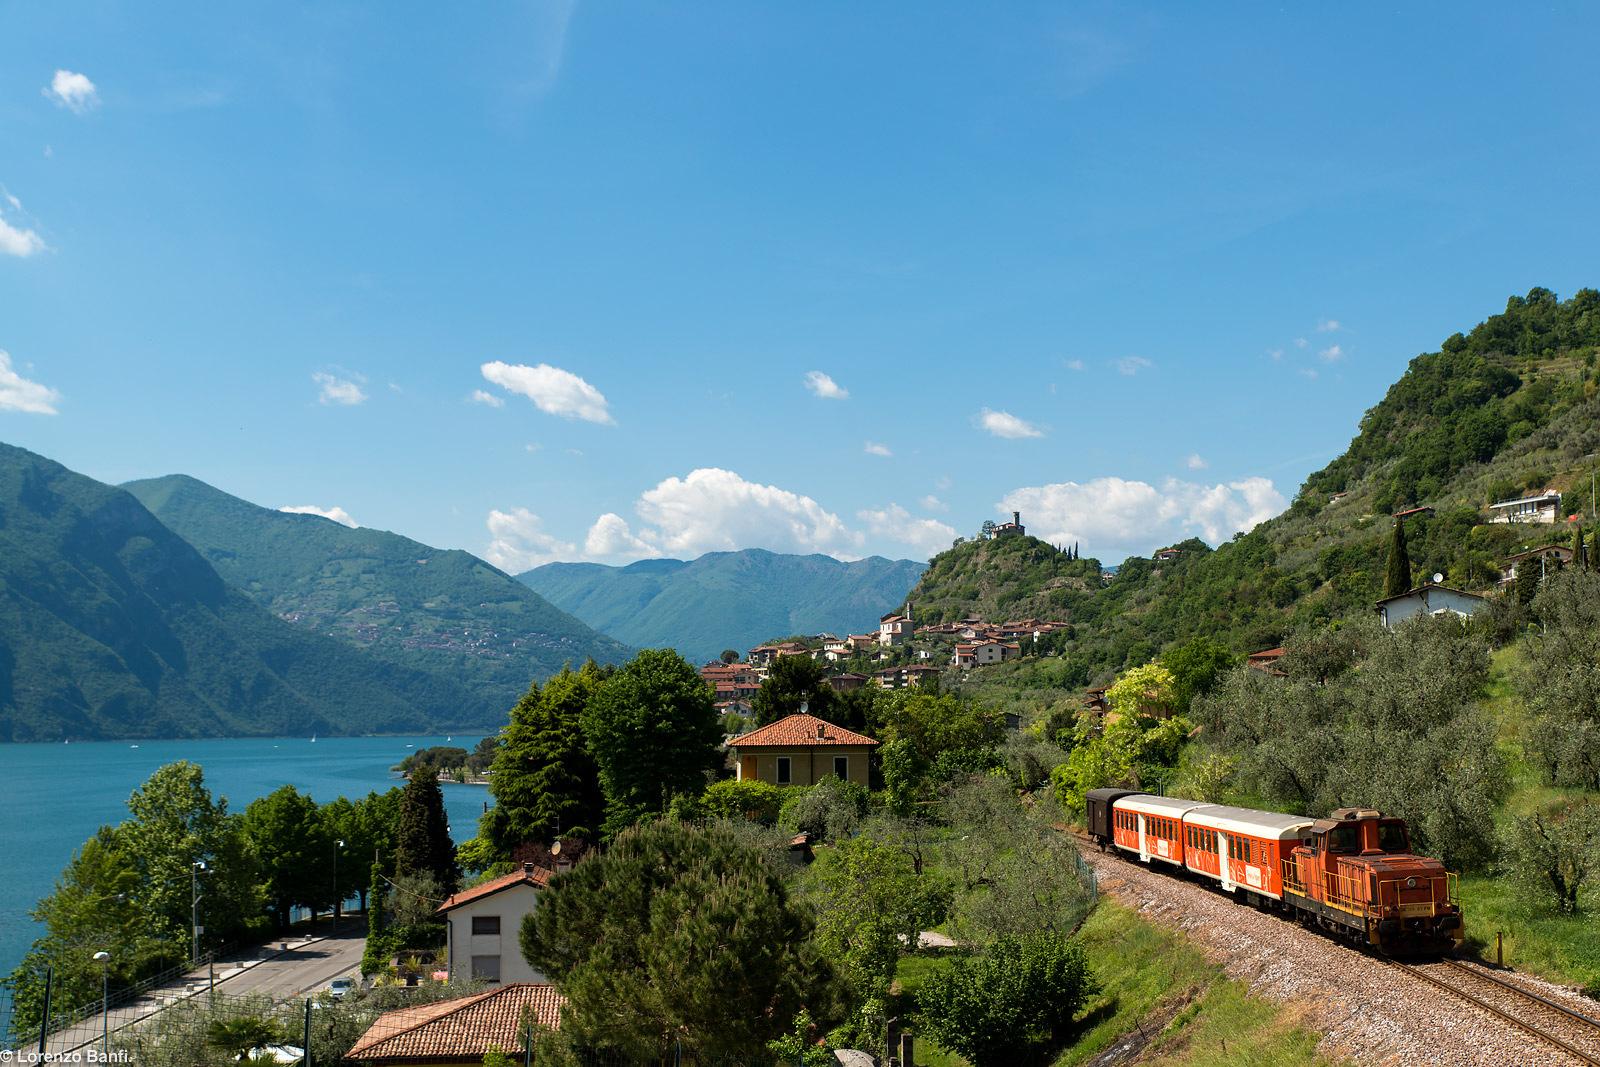 sale marasino állomás, Brescia–Iseo–Edolo-vasútvonal